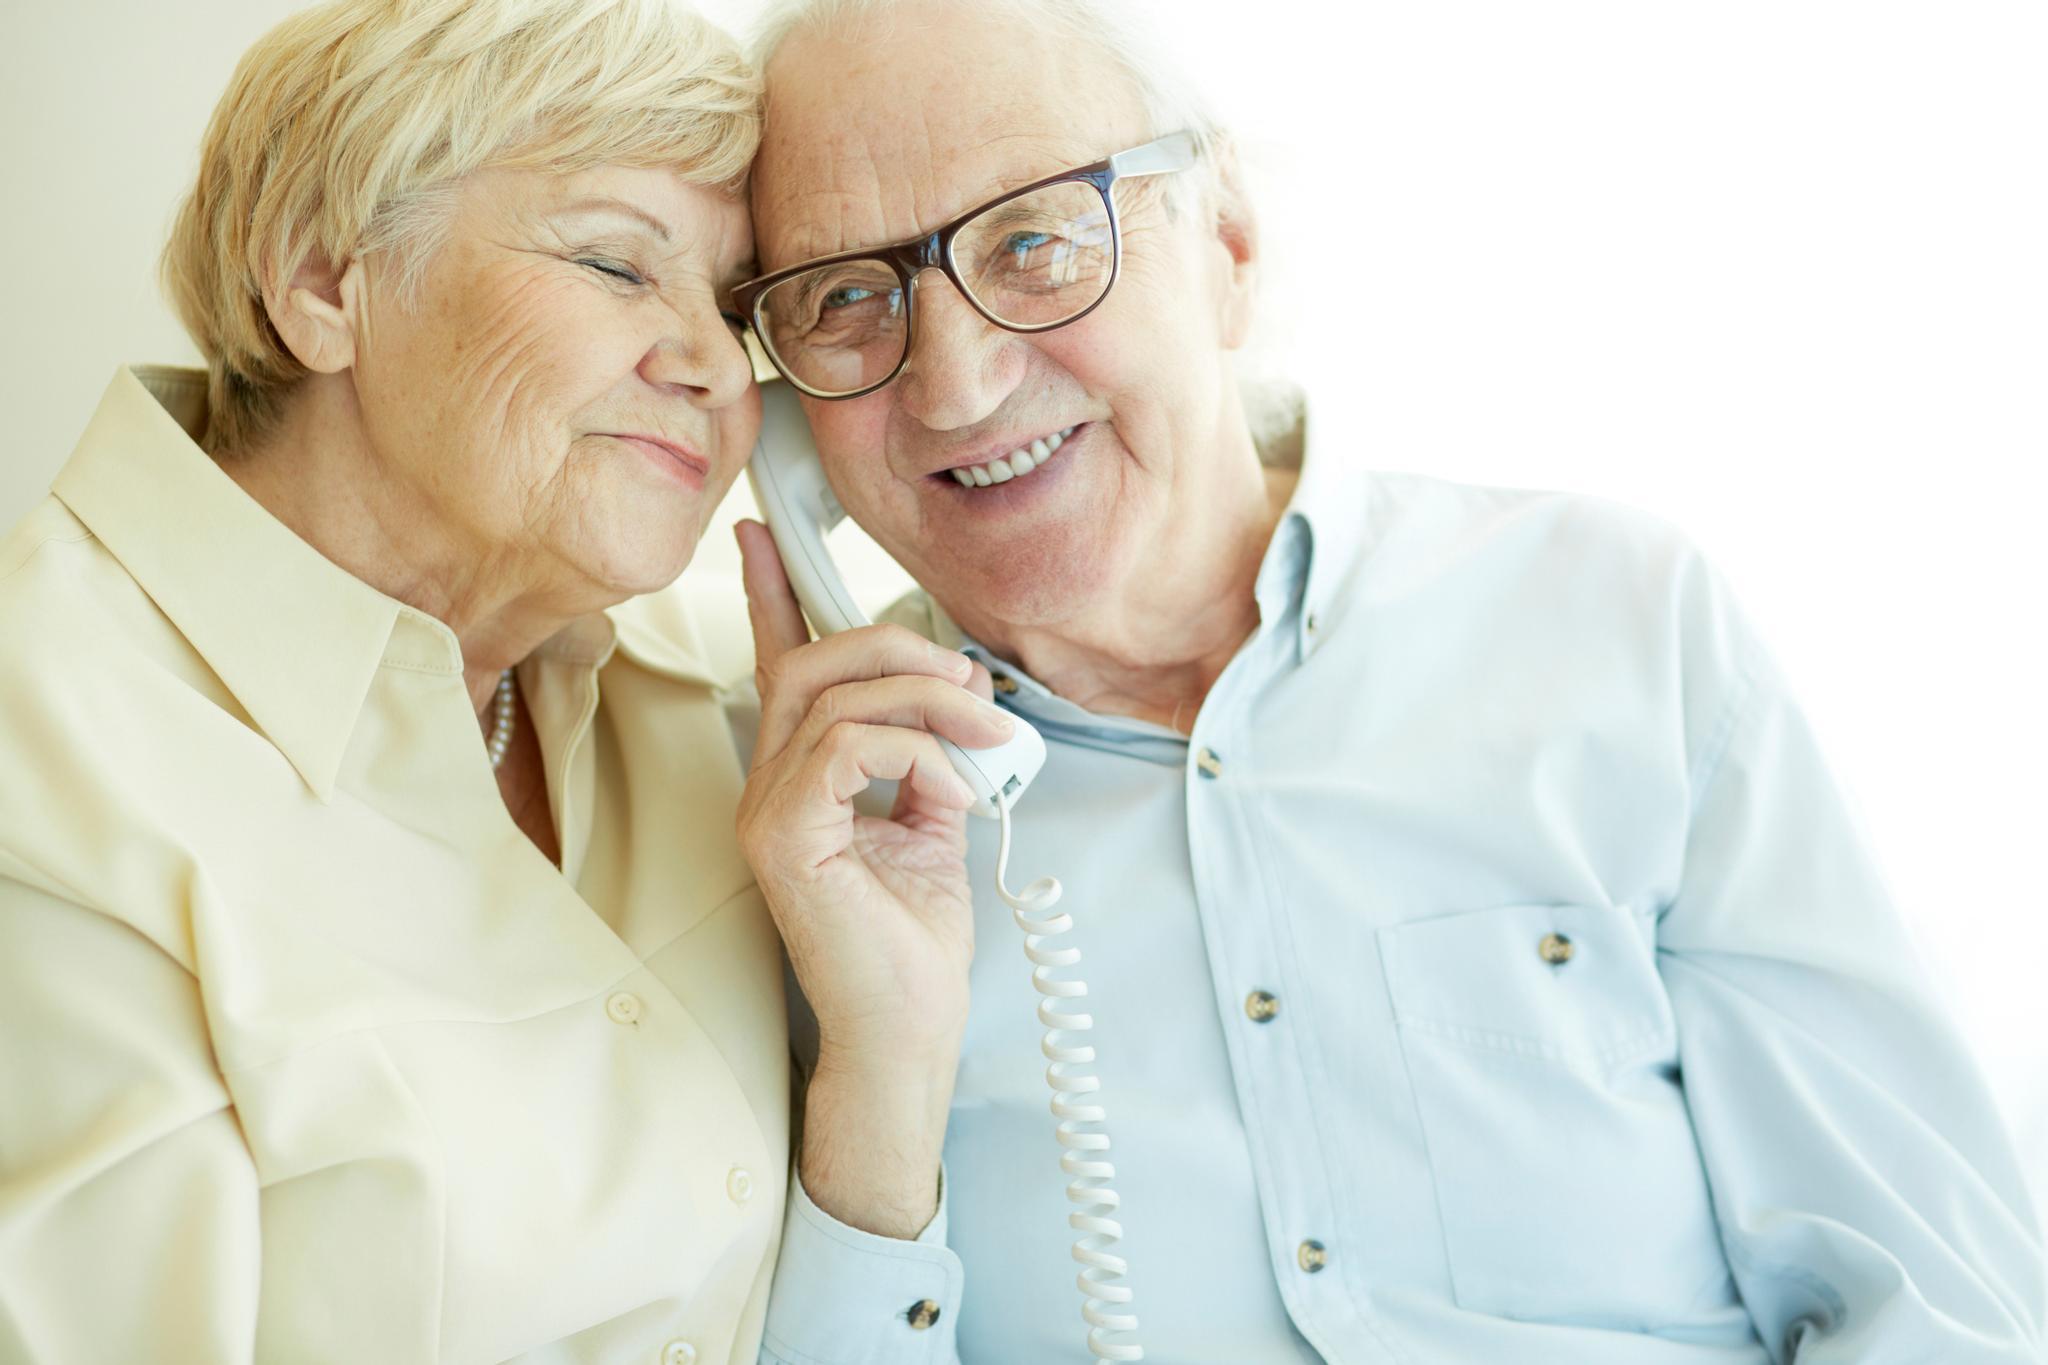 Mikä on korrelaatio absoluuttinen ja suhteellinen ikä dating